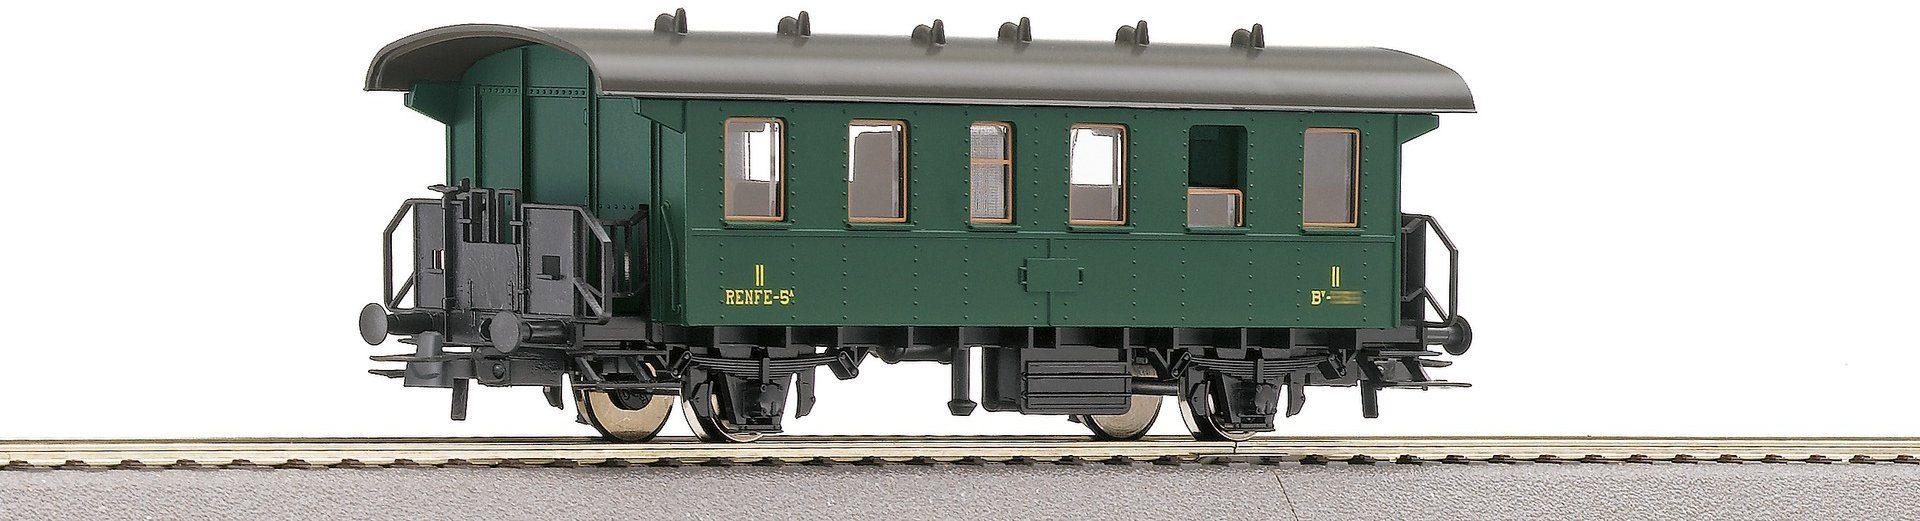 Roco Personenwagen, Spur H0, »2. Klasse Renfe - Gleichstrom«